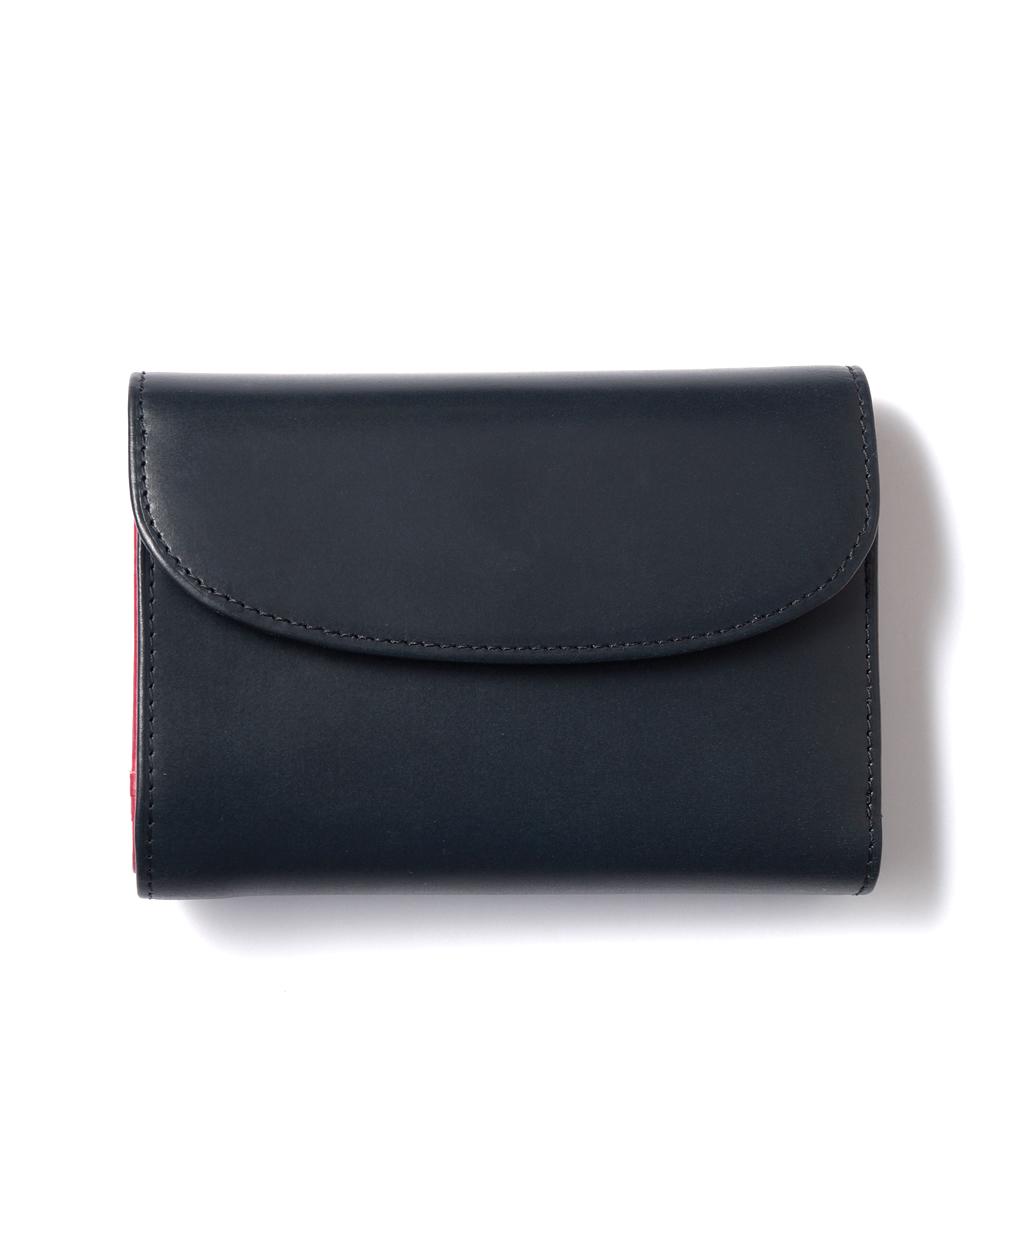 2f8dae5d68a4 三つ折り財布(F ブルー系): メンズ   メーカーズシャツ鎌倉 公式 .